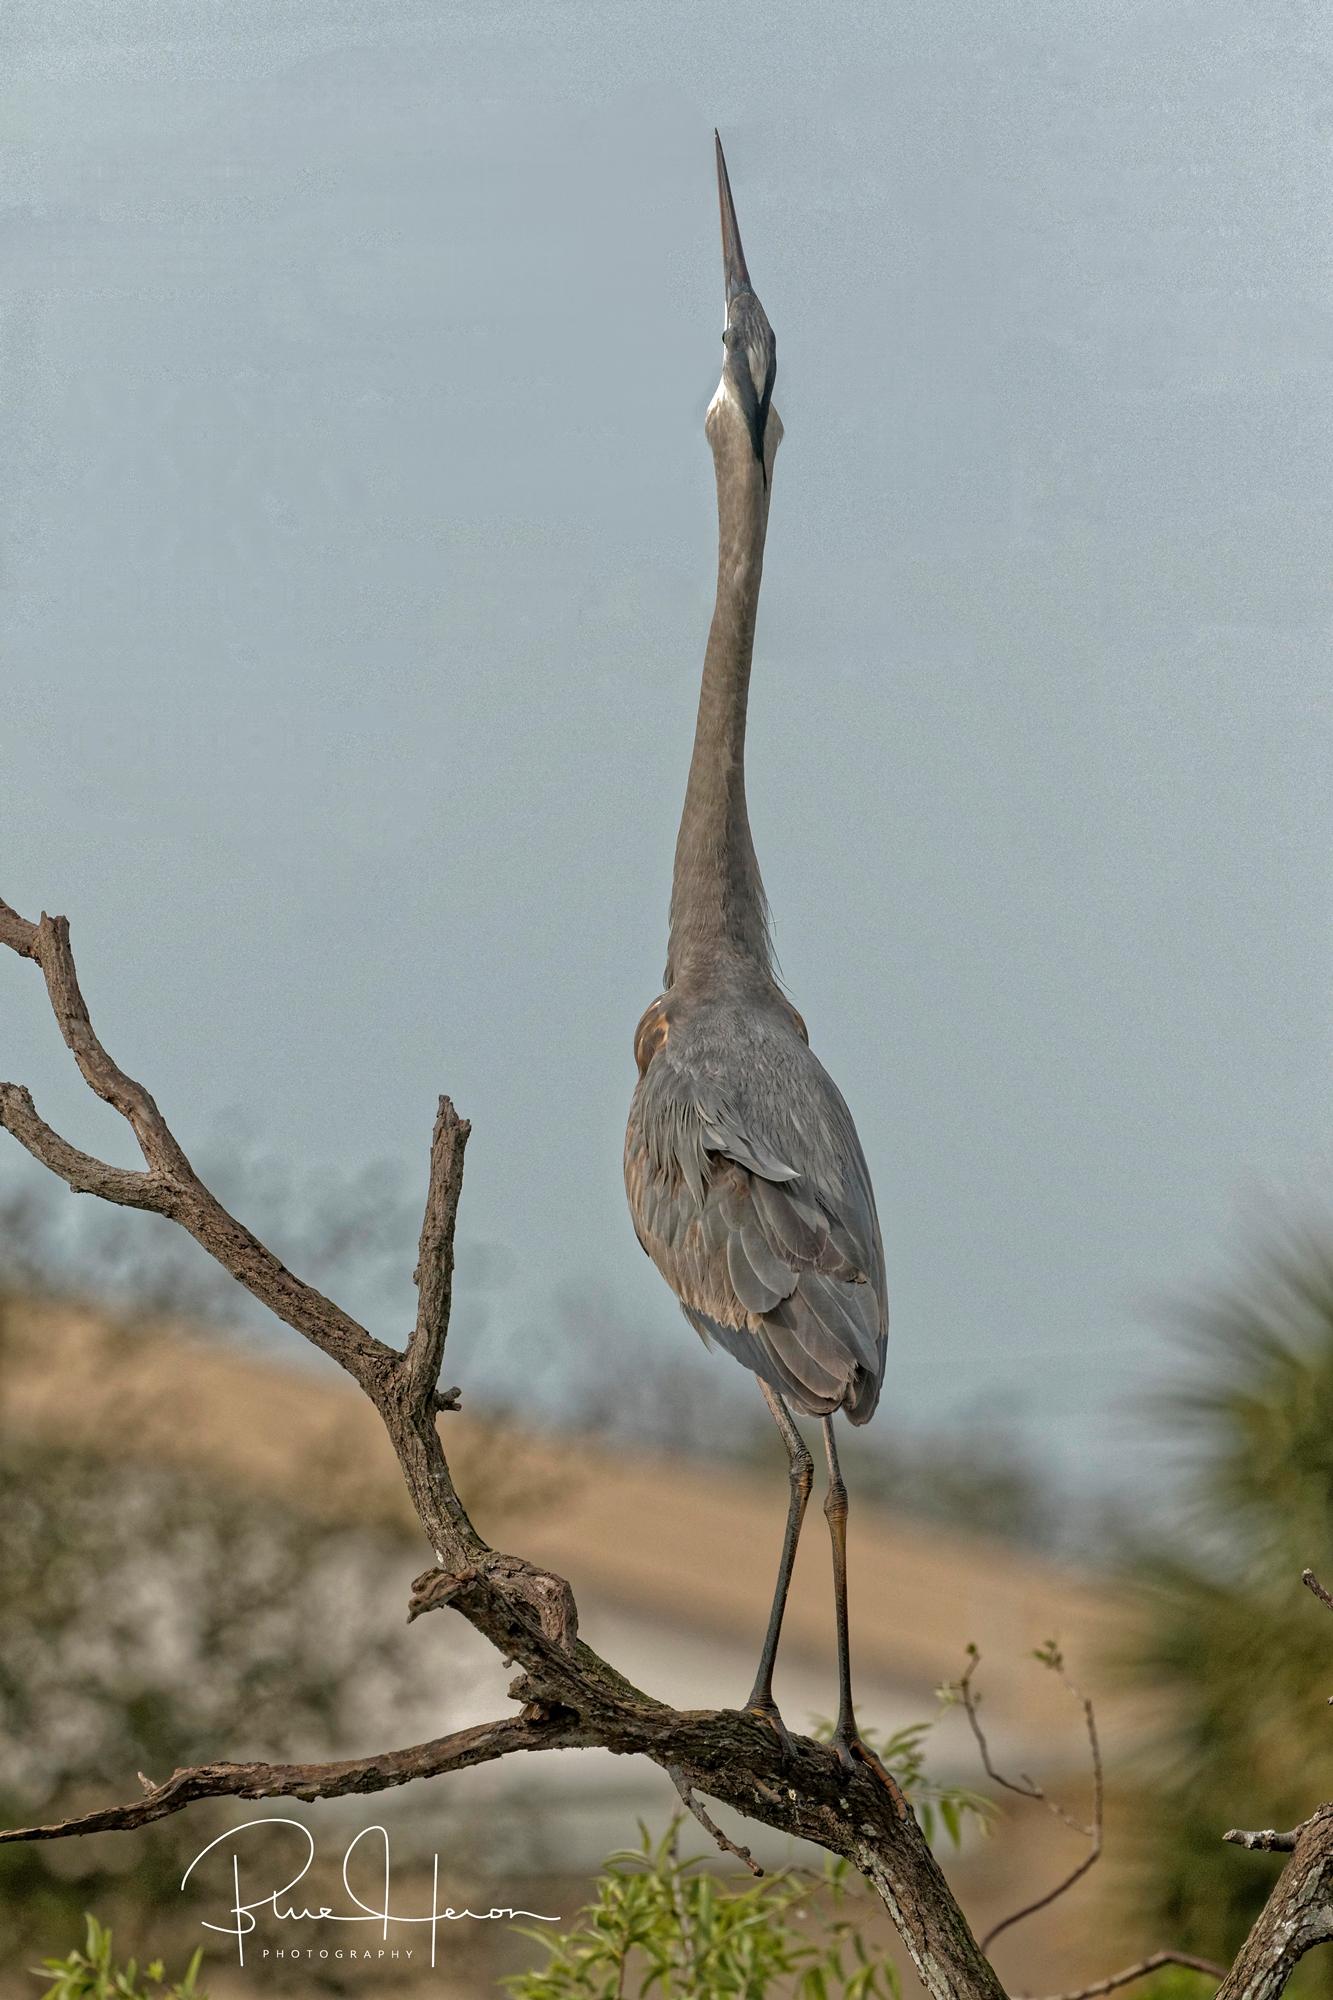 Great Blue Heron display posture